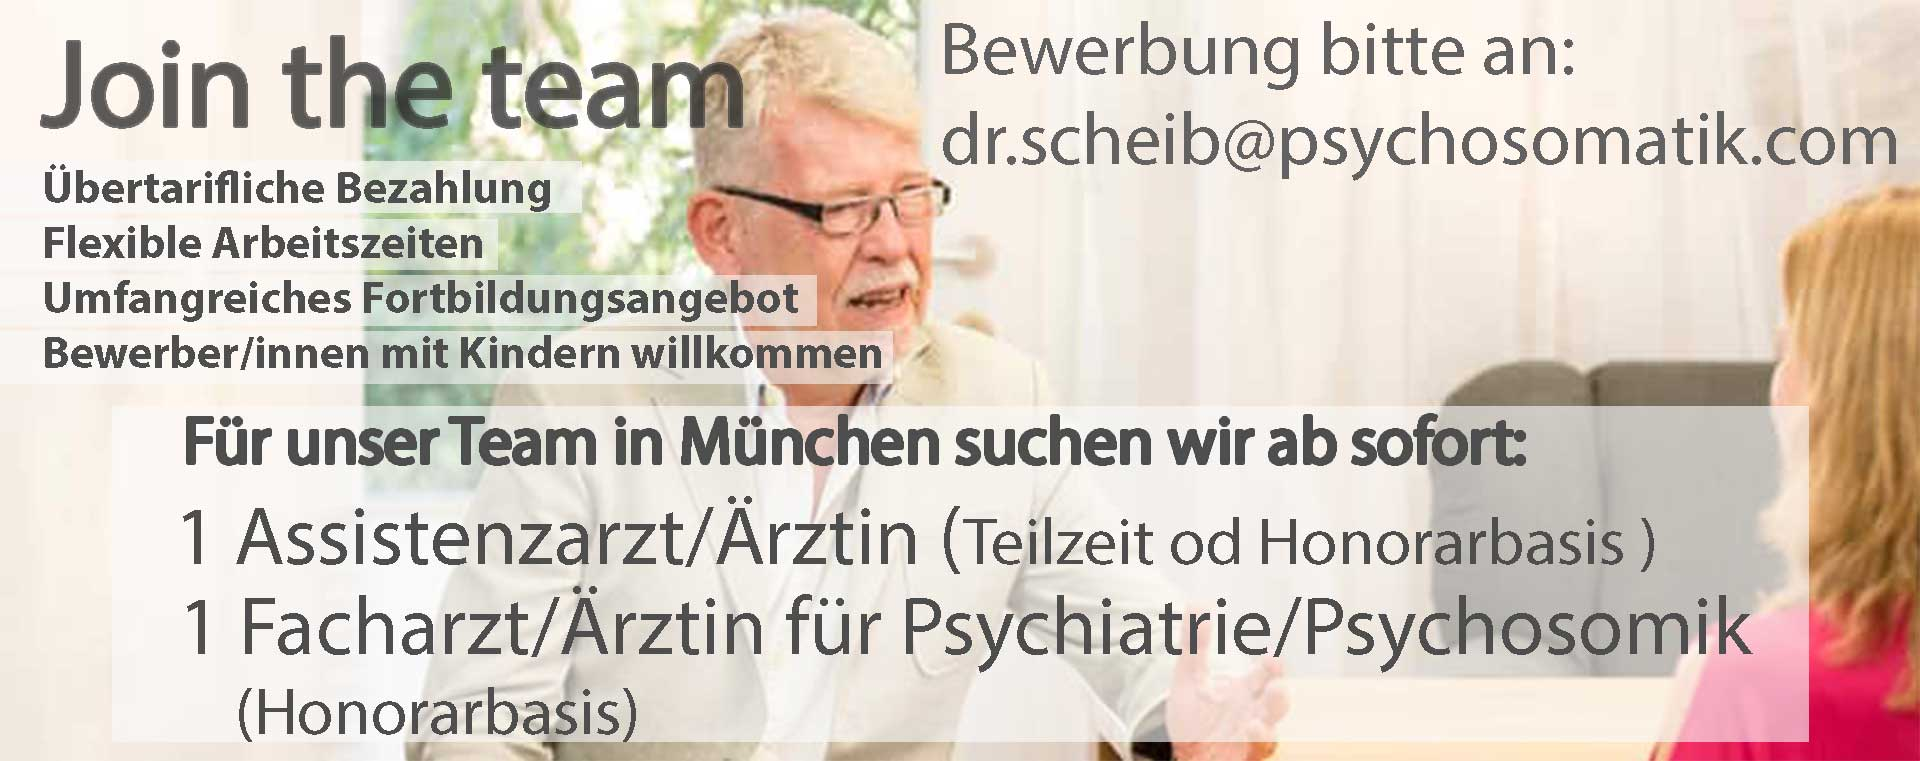 Jobs ärzte München